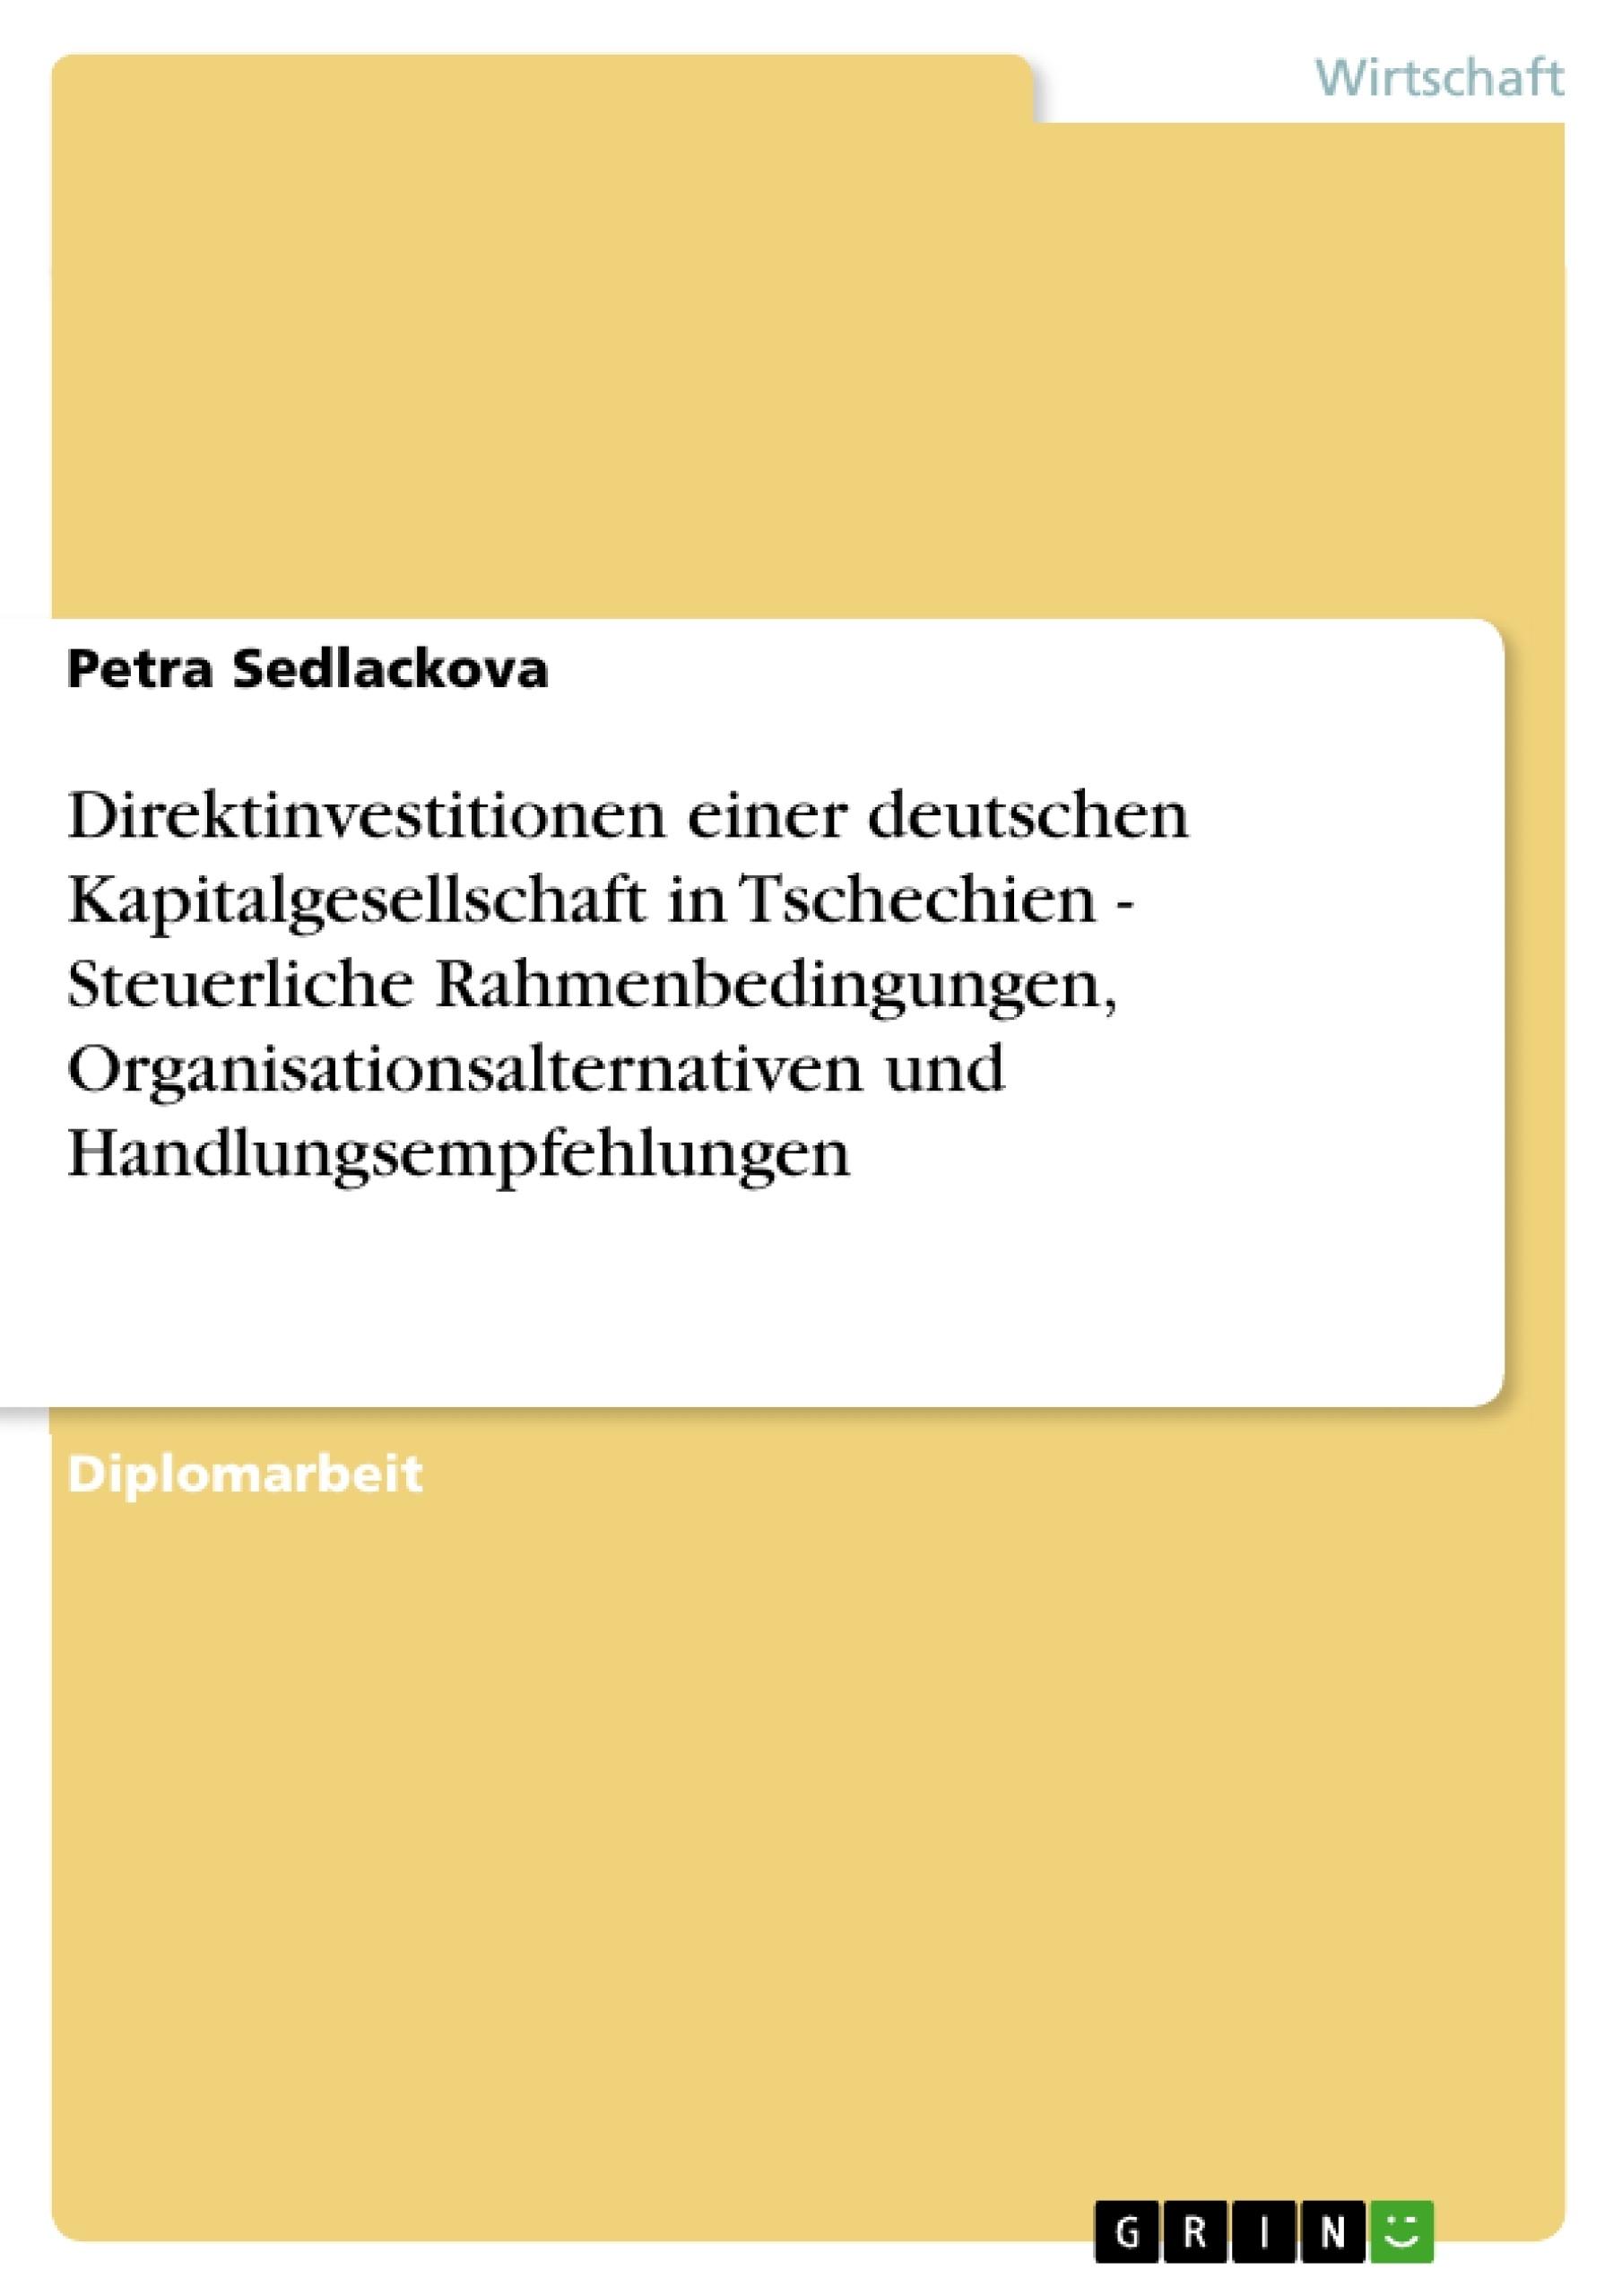 Titel: Direktinvestitionen einer deutschen Kapitalgesellschaft in Tschechien - Steuerliche Rahmenbedingungen, Organisationsalternativen und Handlungsempfehlungen